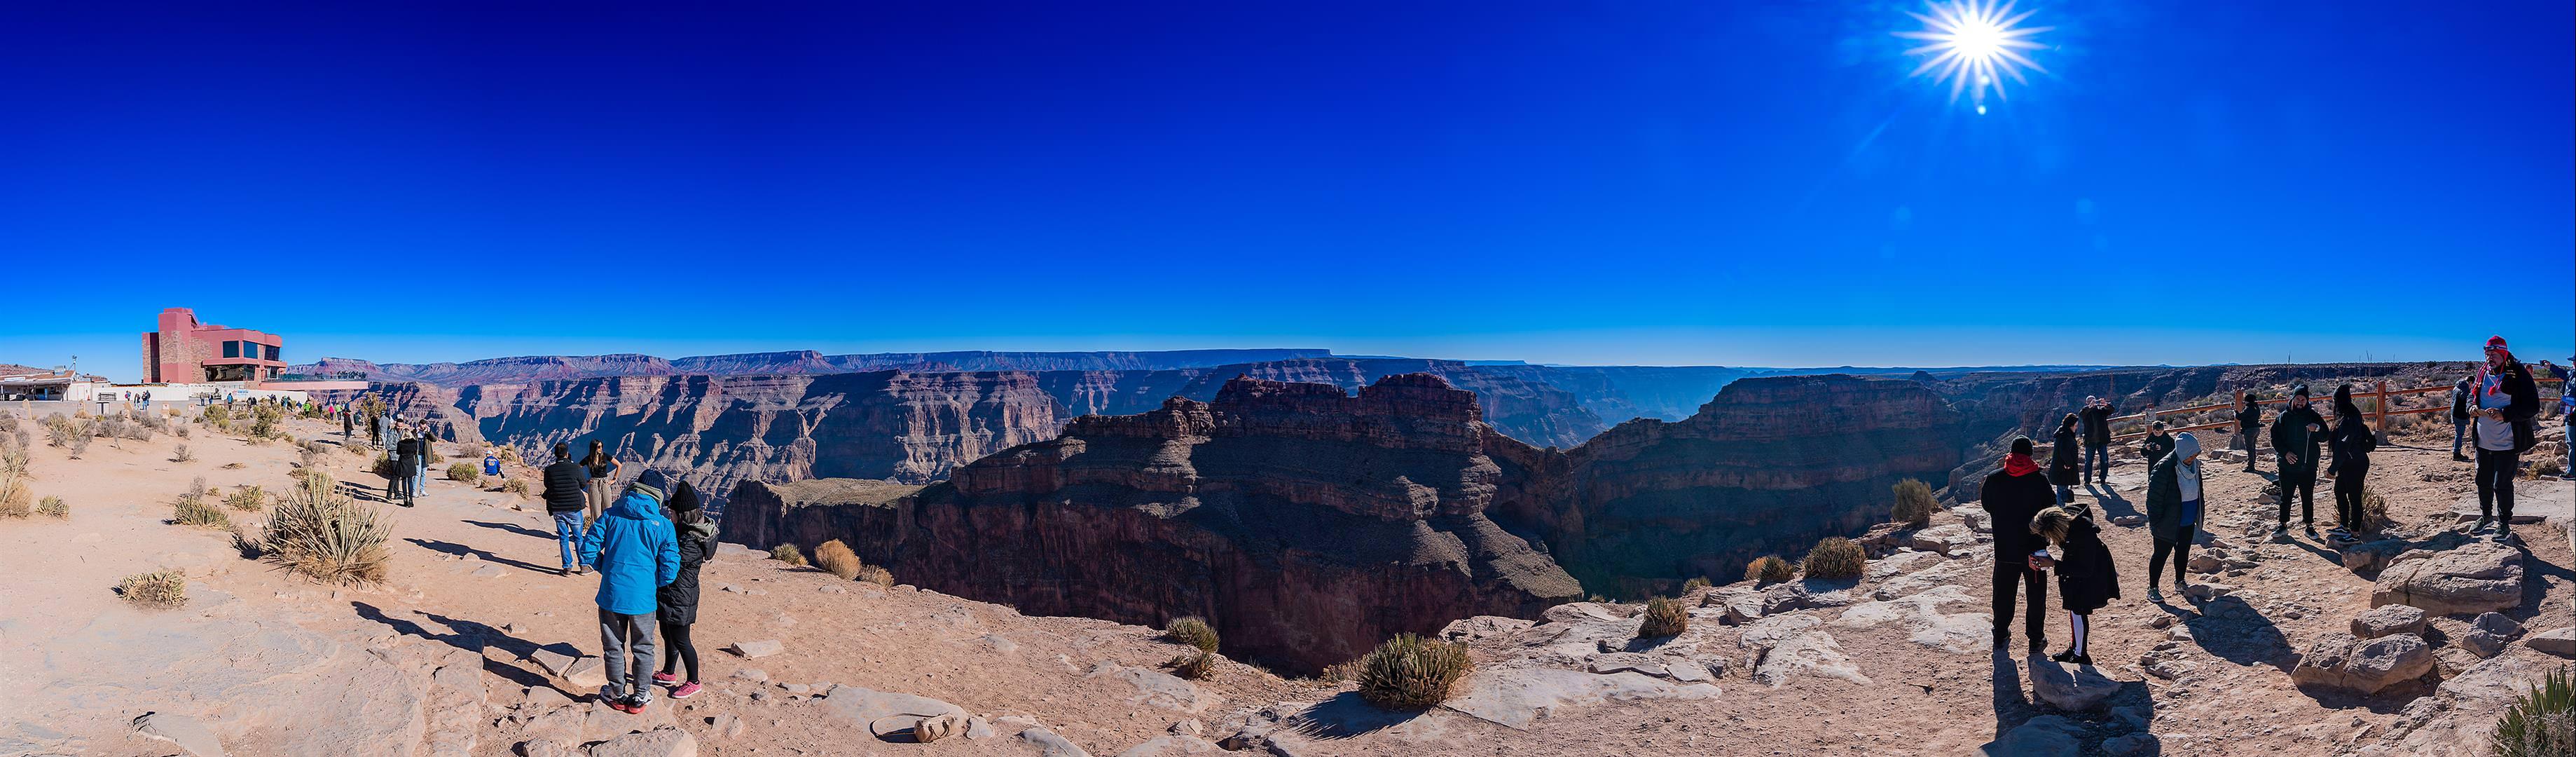 美國大峽谷國家公園